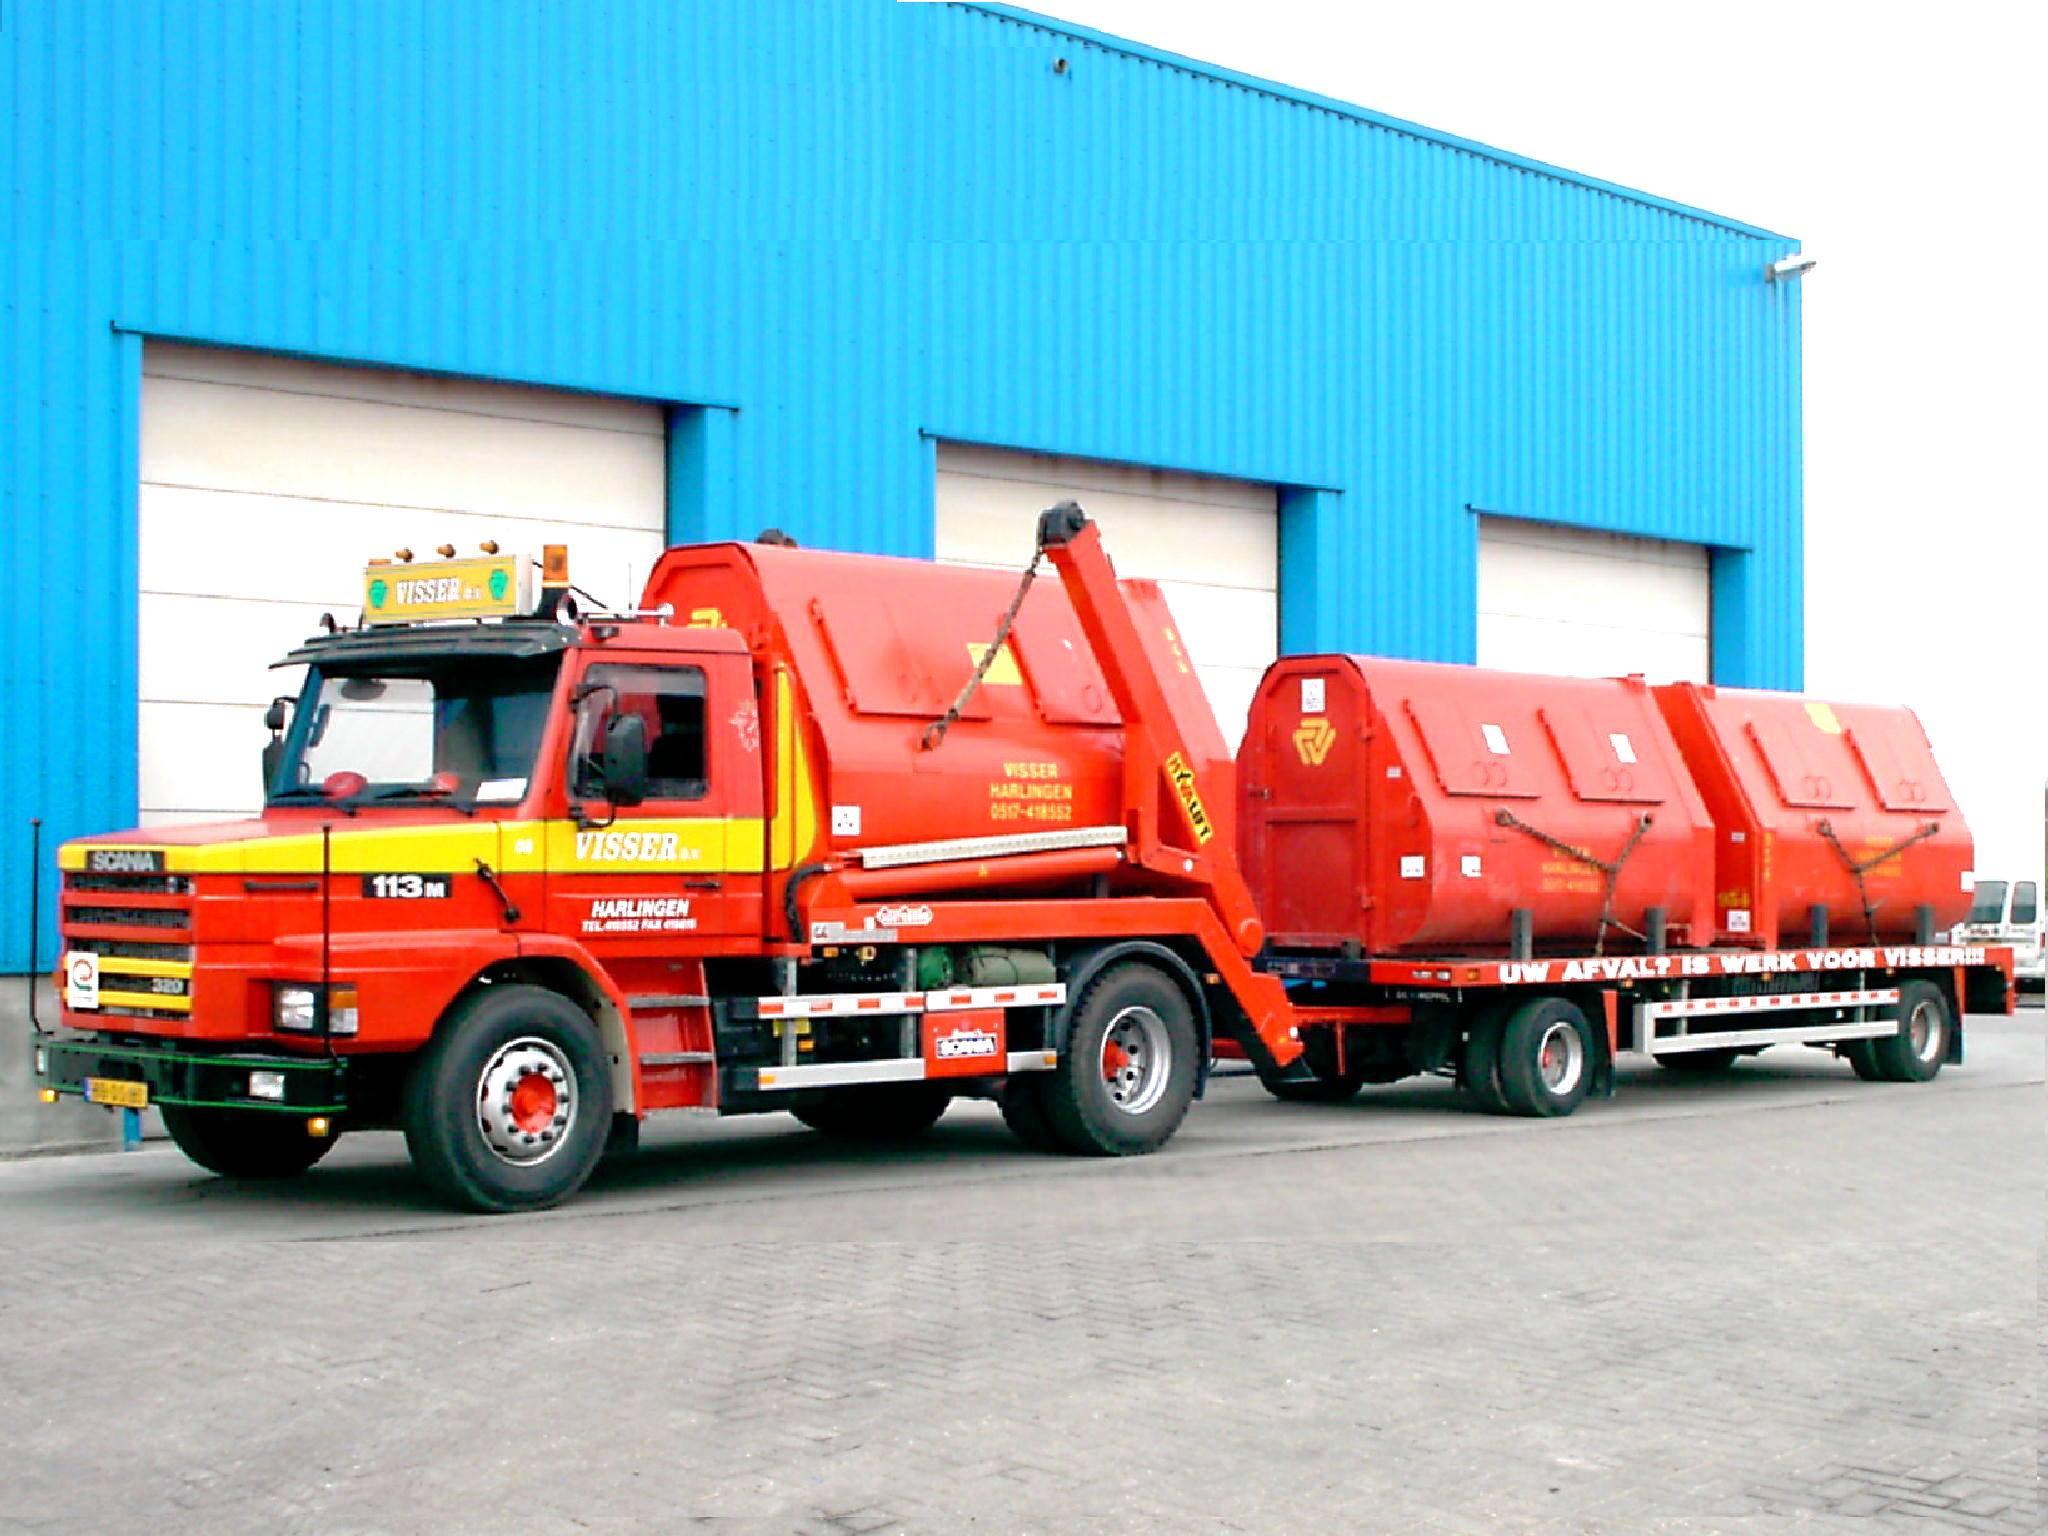 Scania-113-M-320-pk-torpedo-van-1994-met-een-Nooteboom-portaal-systeem-en-een-GS-aaanhangwagen-van-1984-van-Visser-afvalverwerking-2